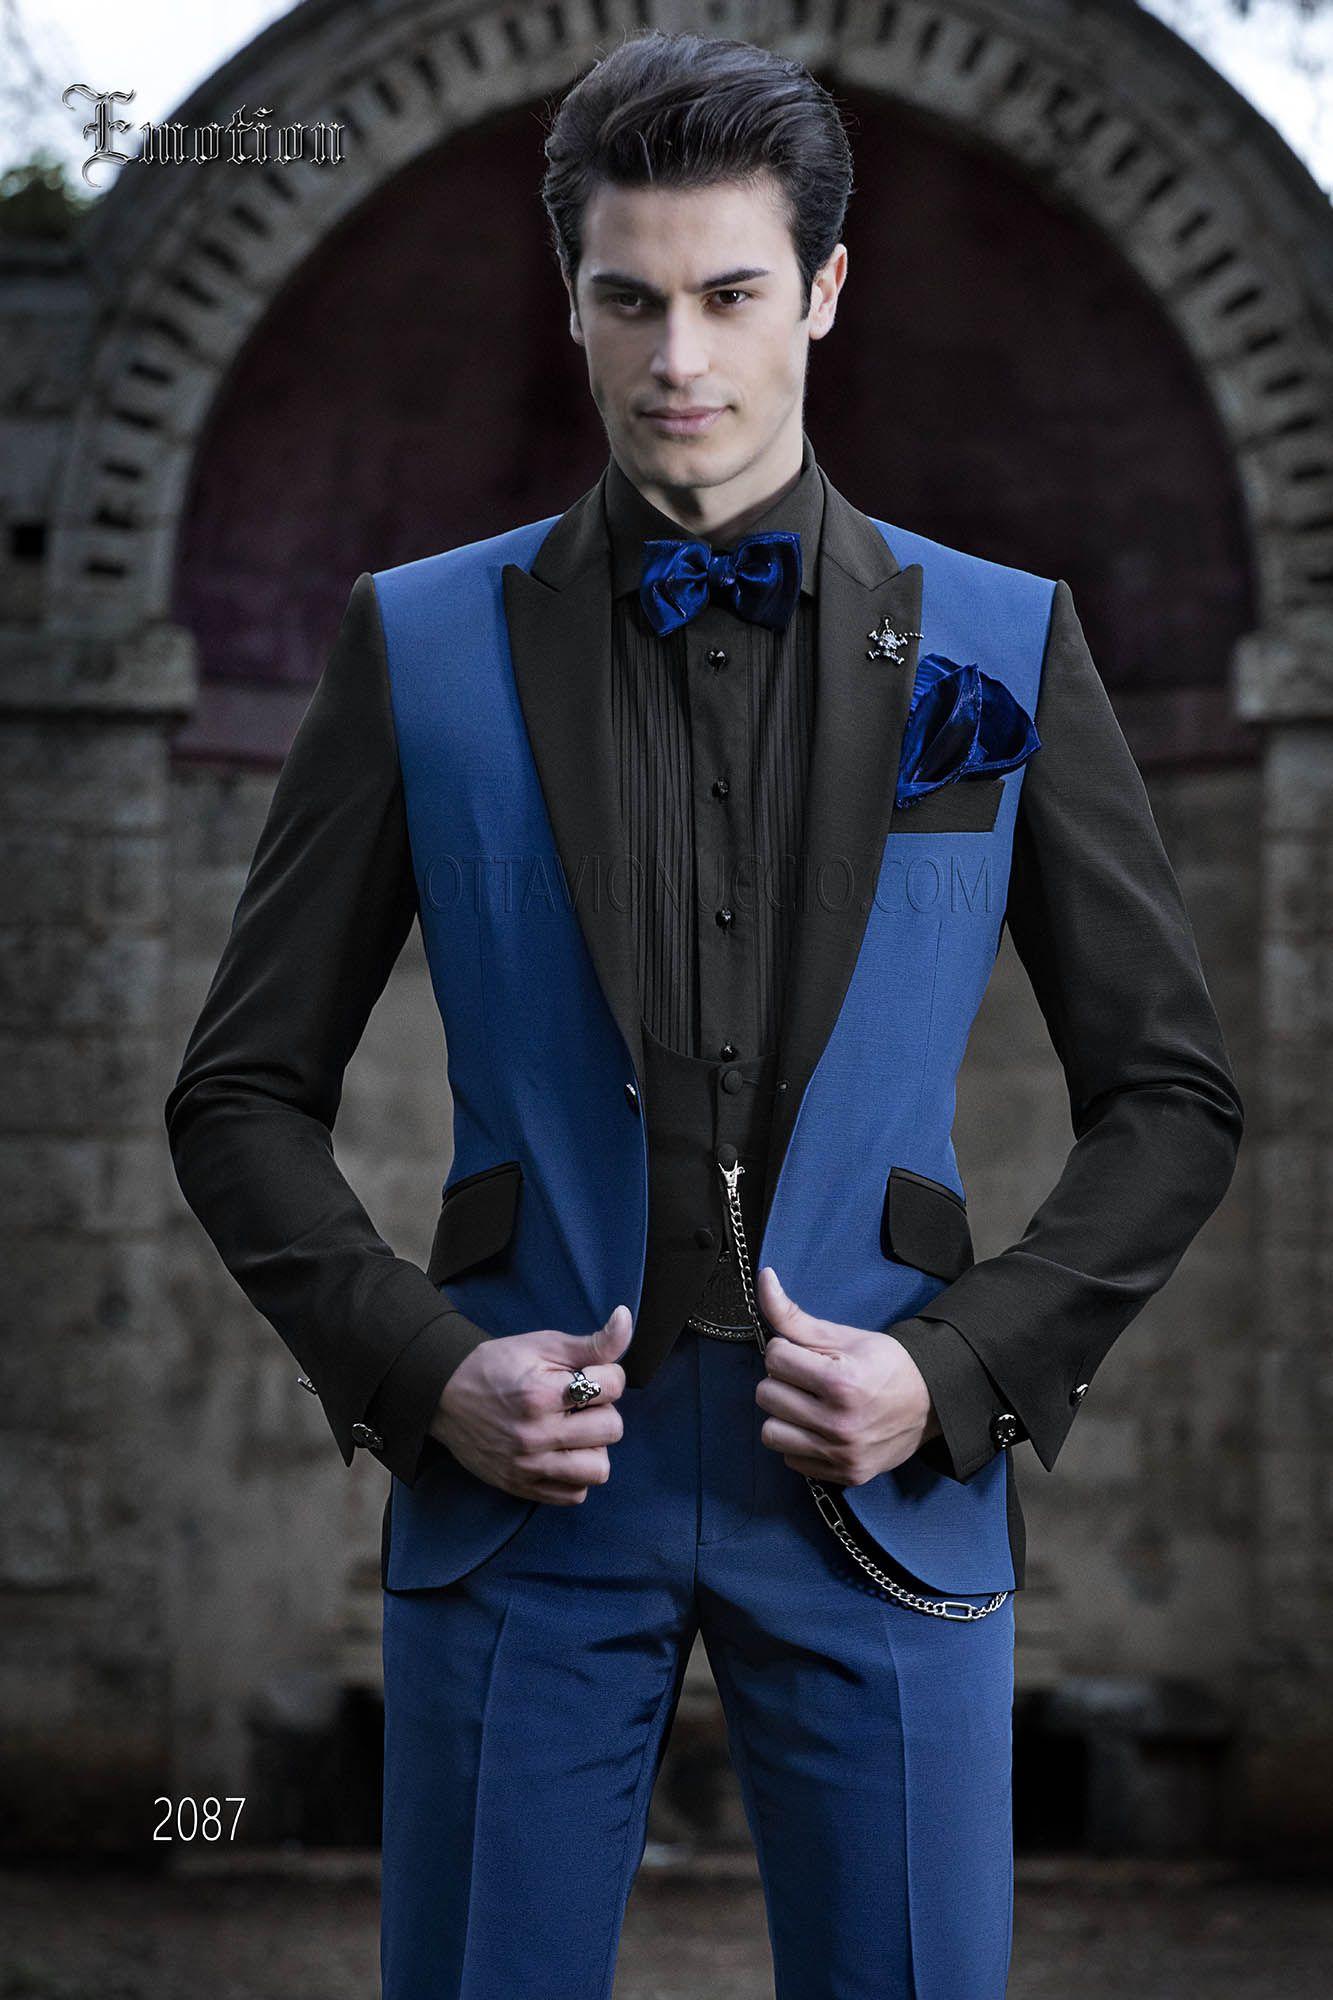 Abito da sposo uomo moderno blu elettrico e nero. Completo ONGala 2087 60915c3f8e2